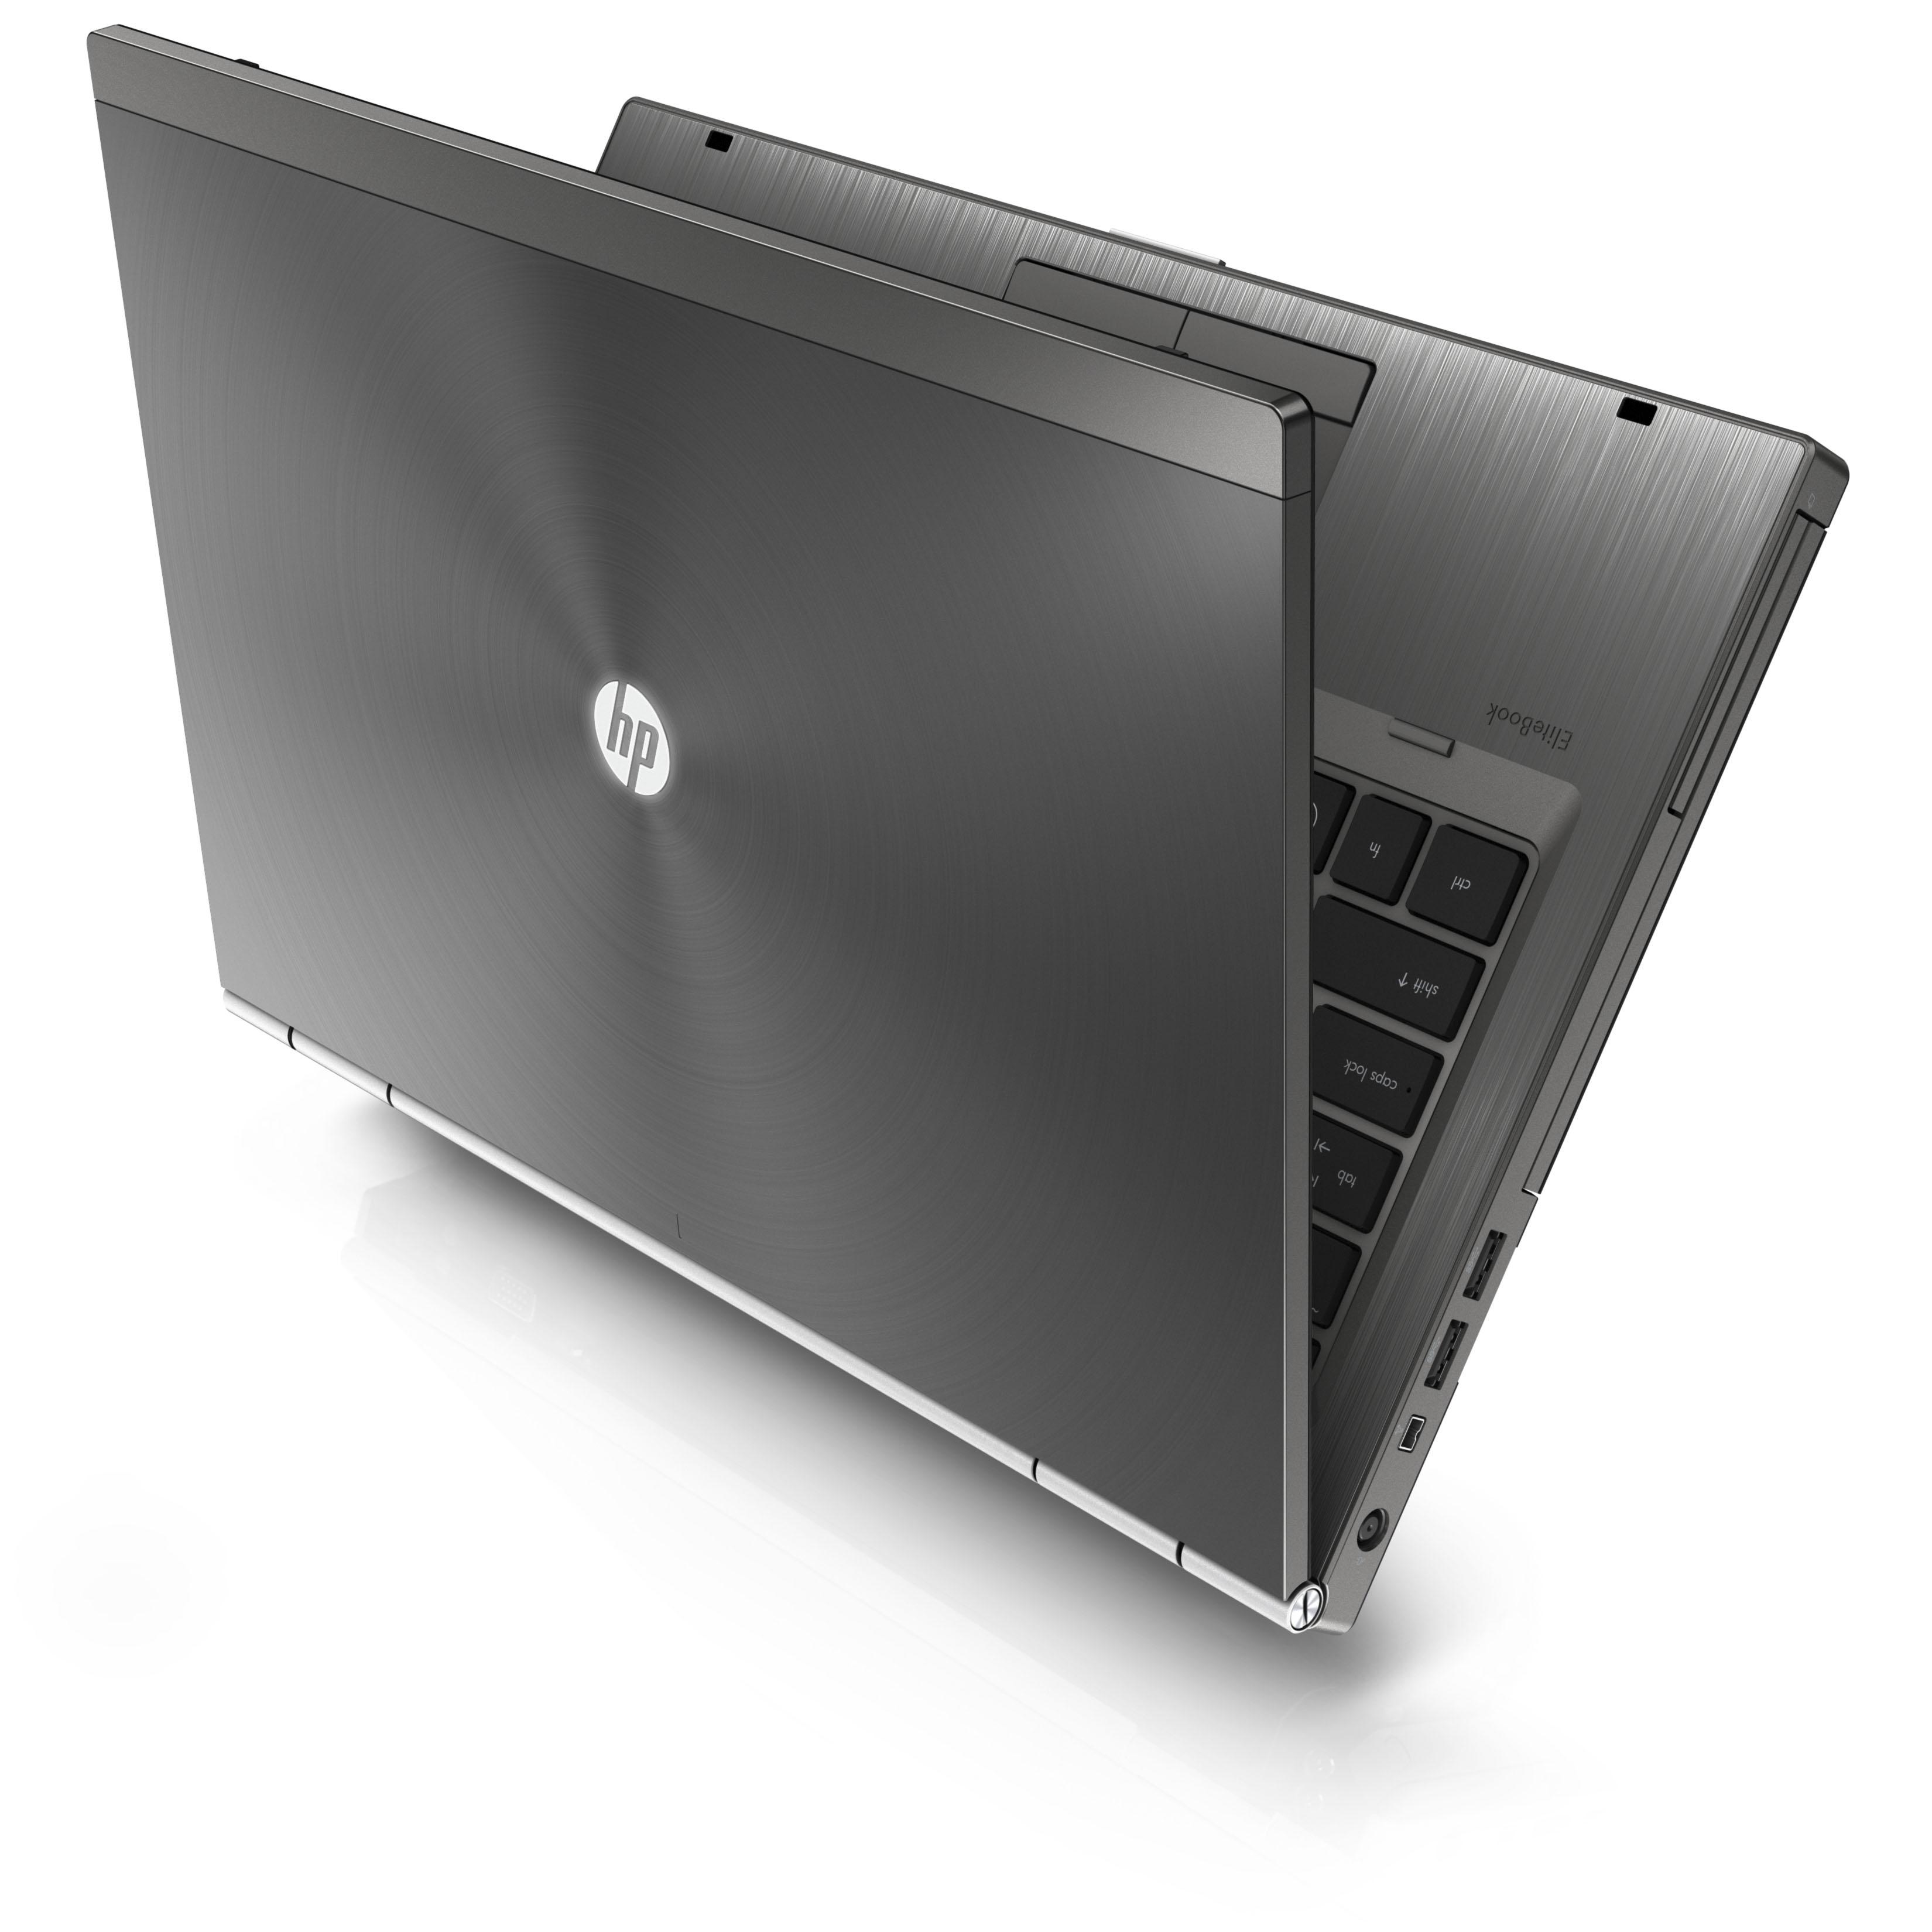 EliteBook 8460w Durability